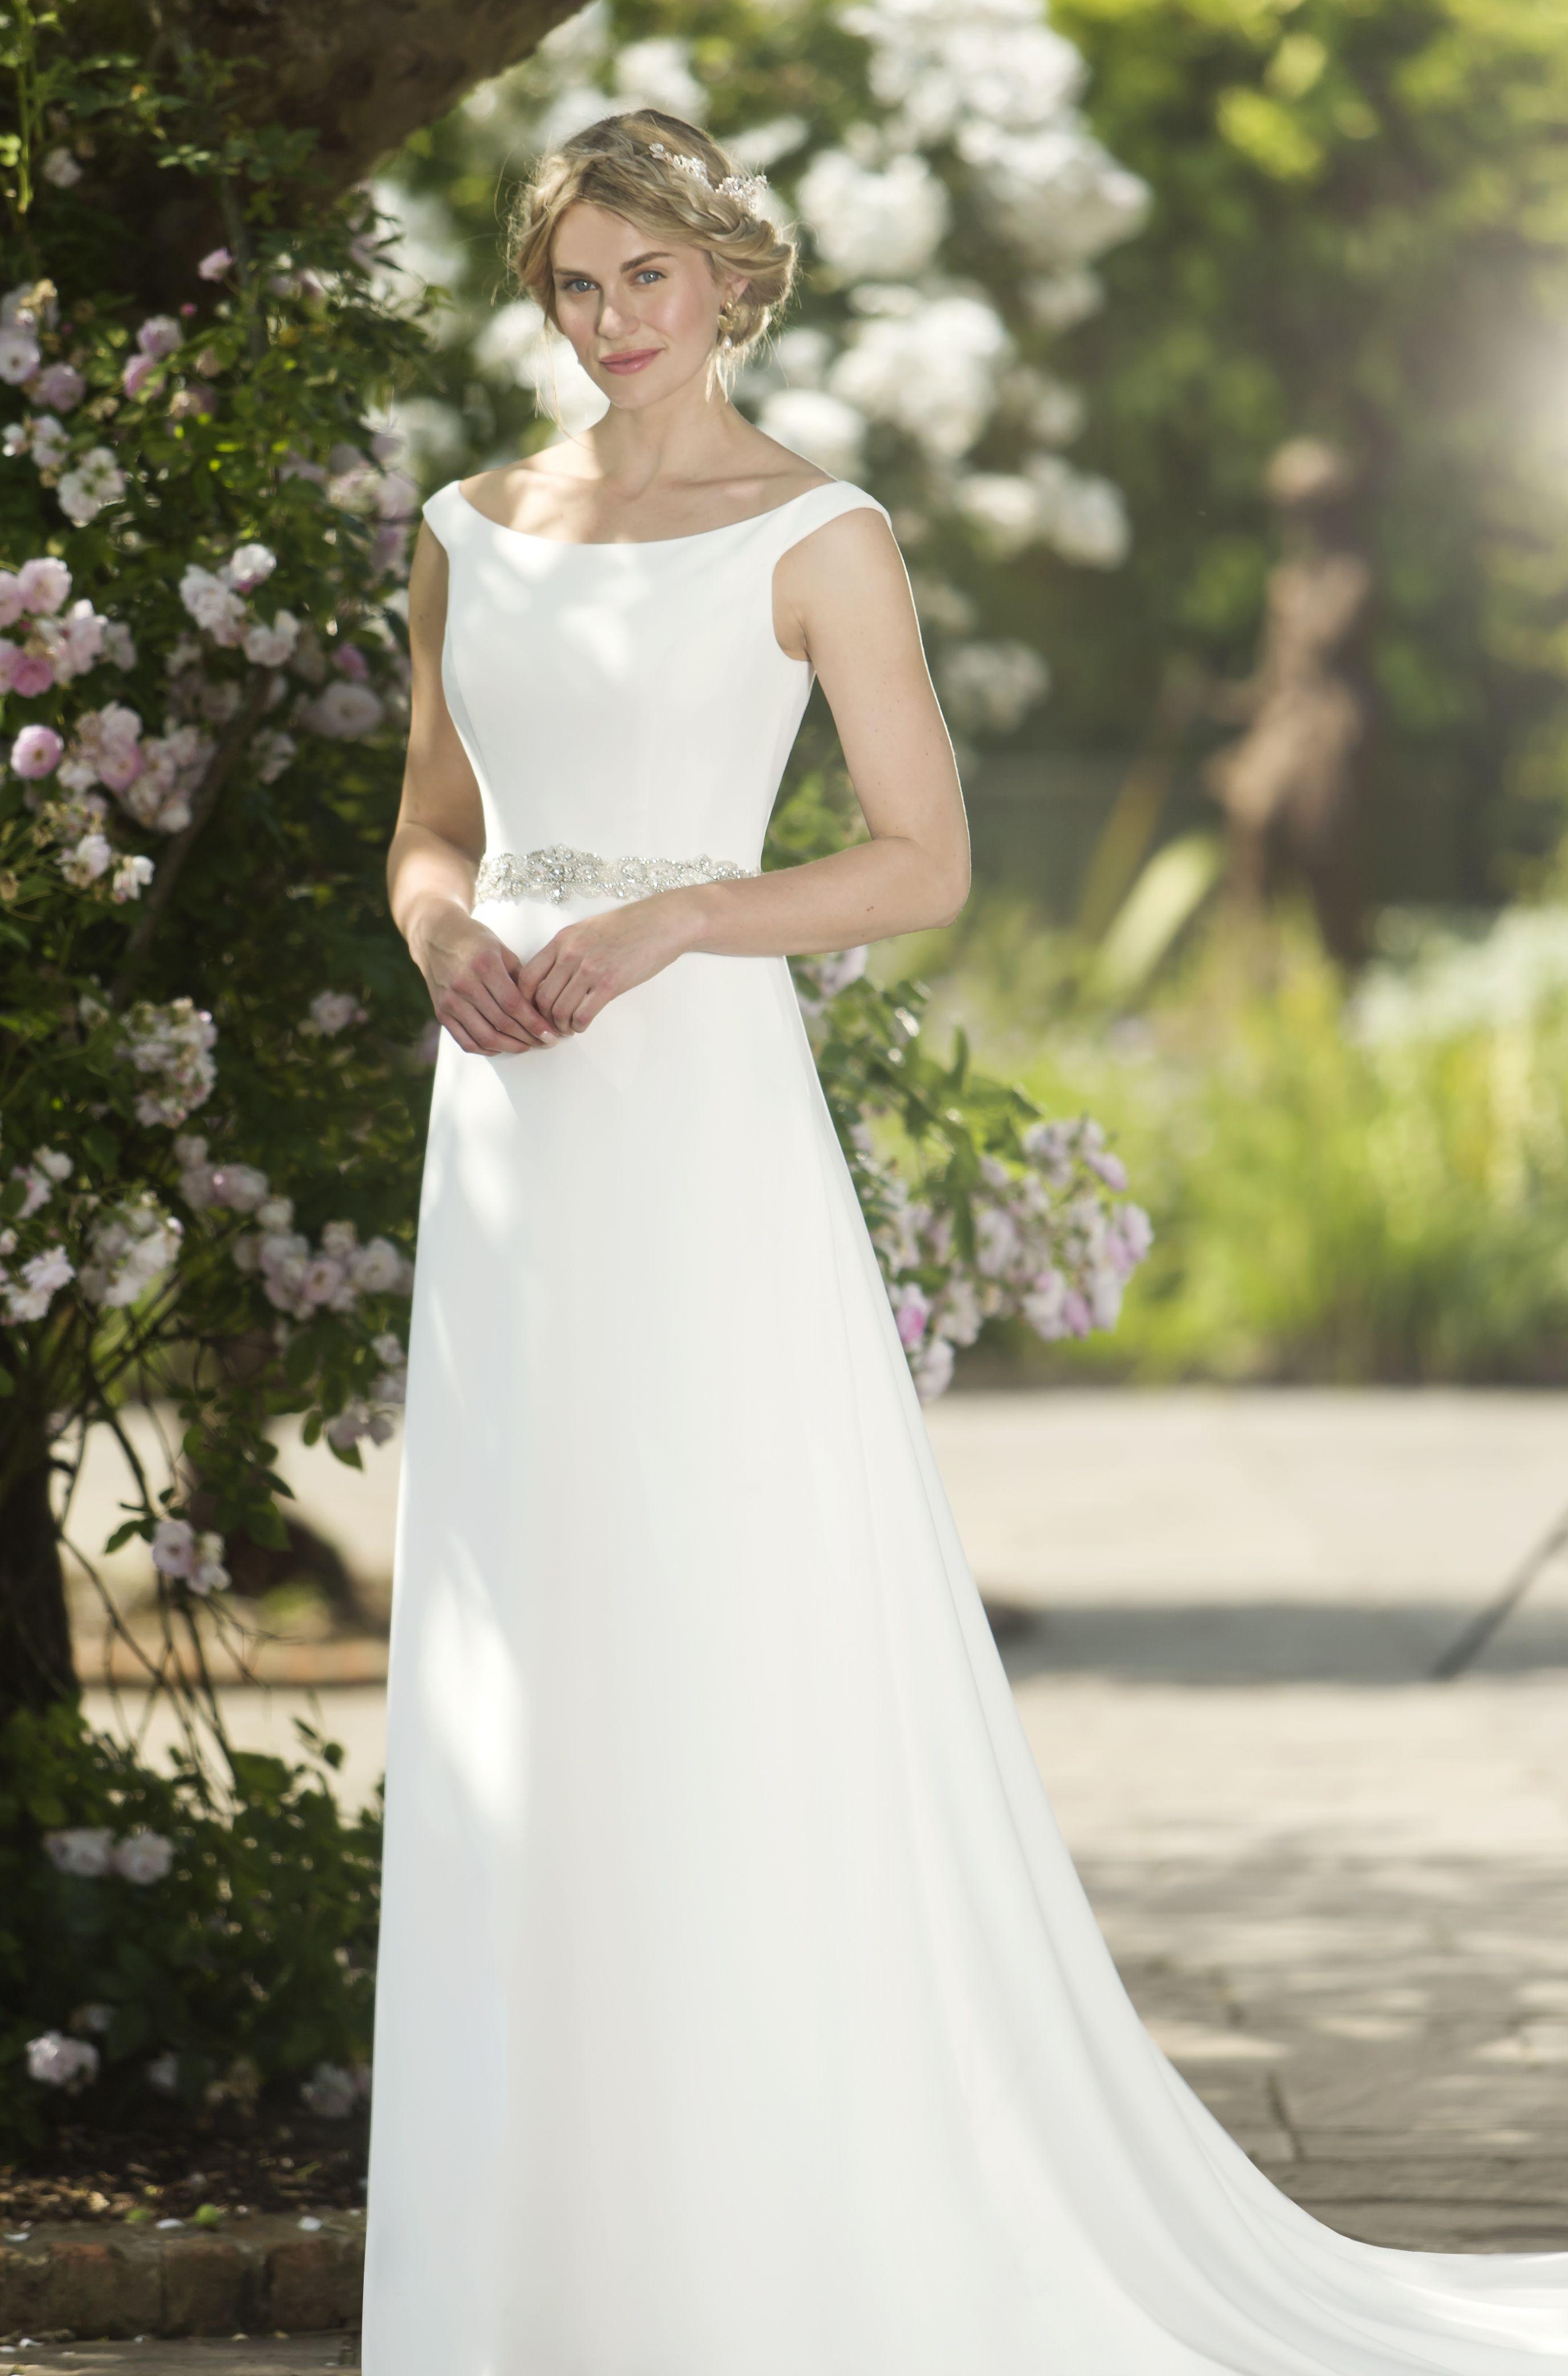 Clara wthis simple yet chic chiffon sheath wedding gown